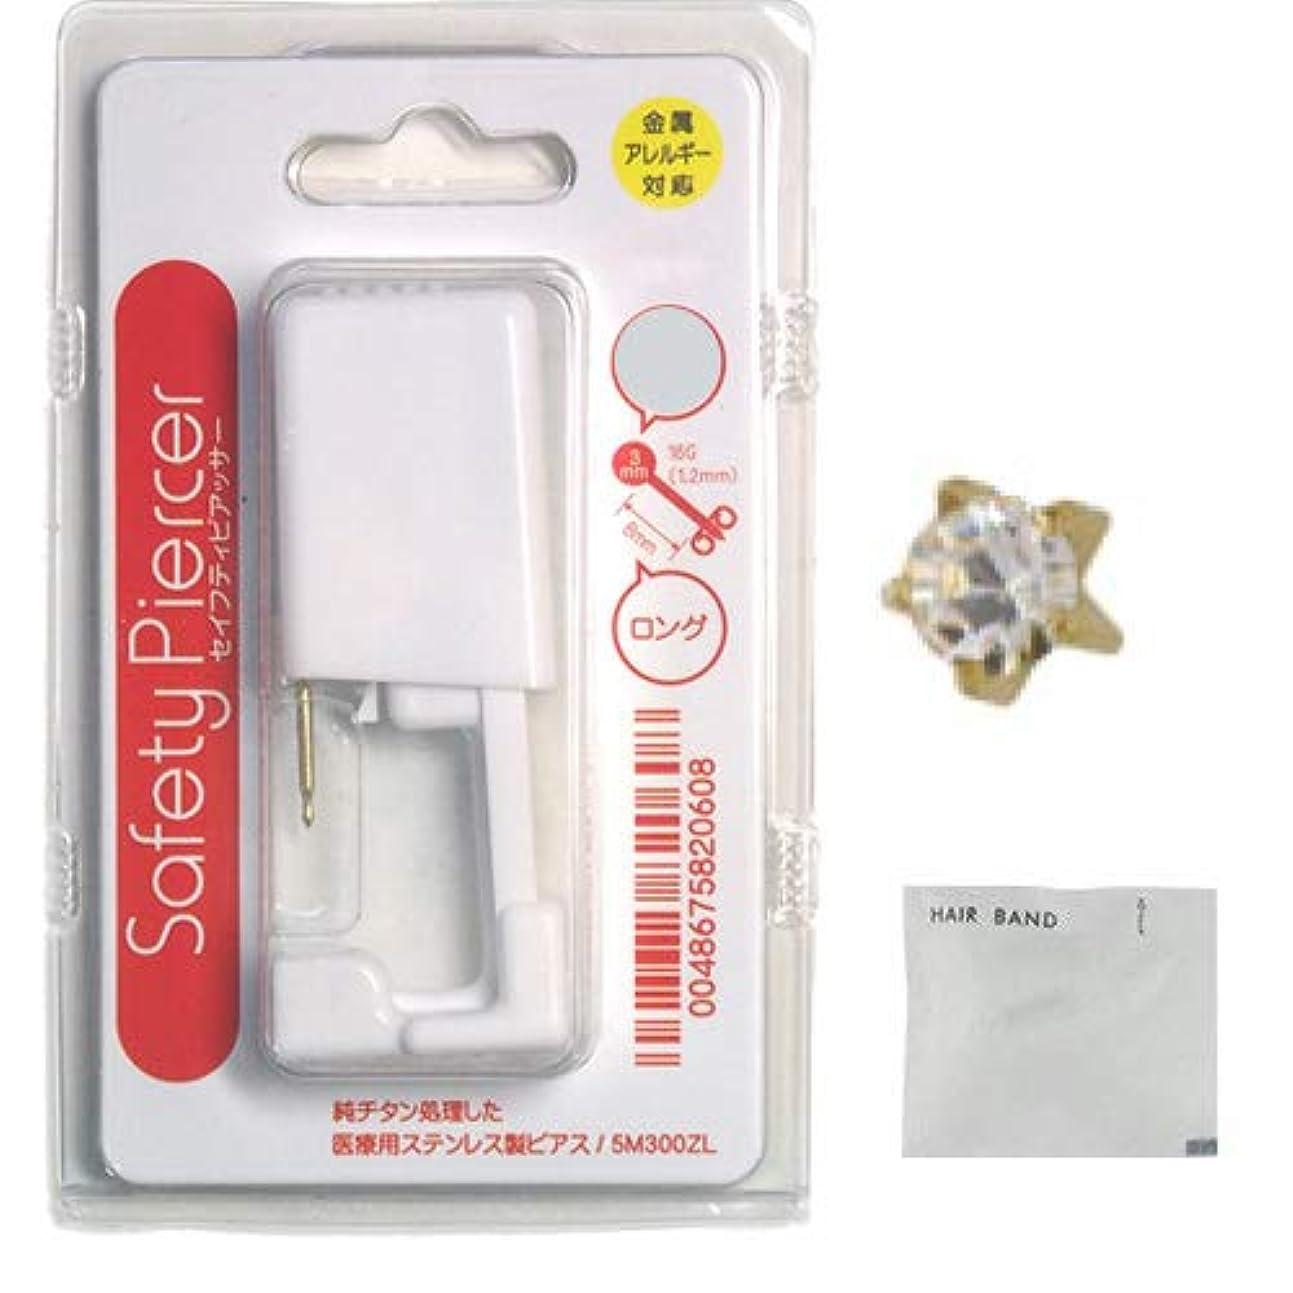 大惨事ピース気まぐれなセイフティピアッサー シャンパンゴールド チタンロングタイプ(片耳用) 5M104WL 4月ダイヤモンド+ ヘアゴム(カラーはおまかせ)セット